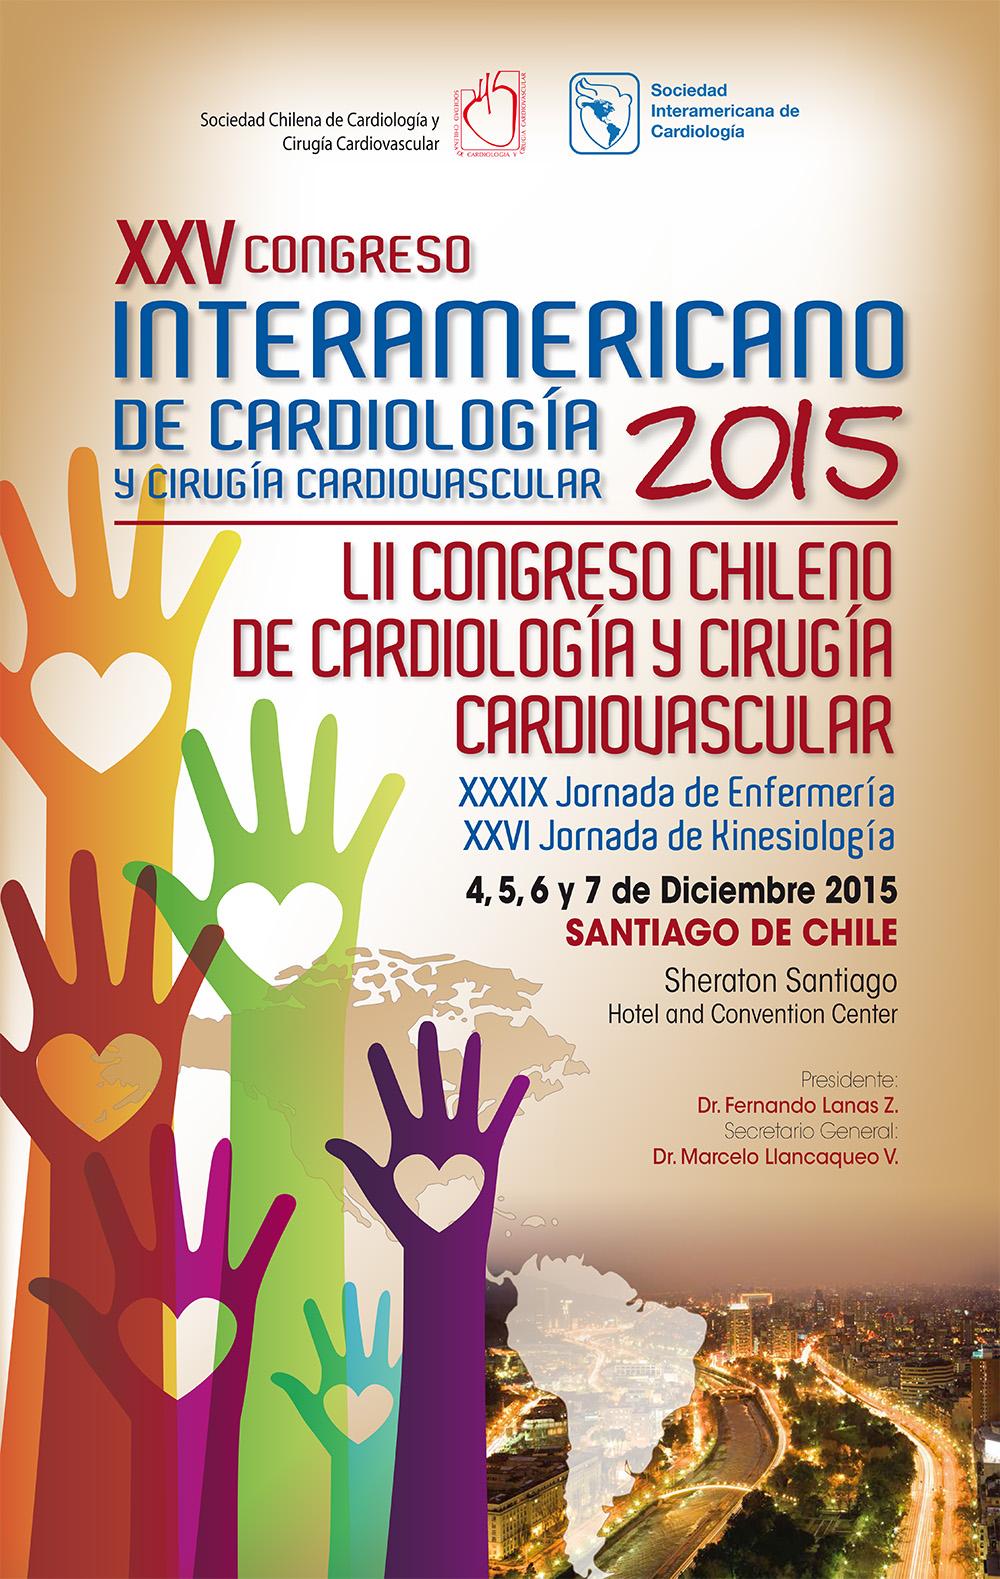 XXV Congreso Interamericano de Cardiología y Cirugía Cardiovascular 2015 @ Sheraton Santiago /Diciembre 4,5,6 y 7 de 2015